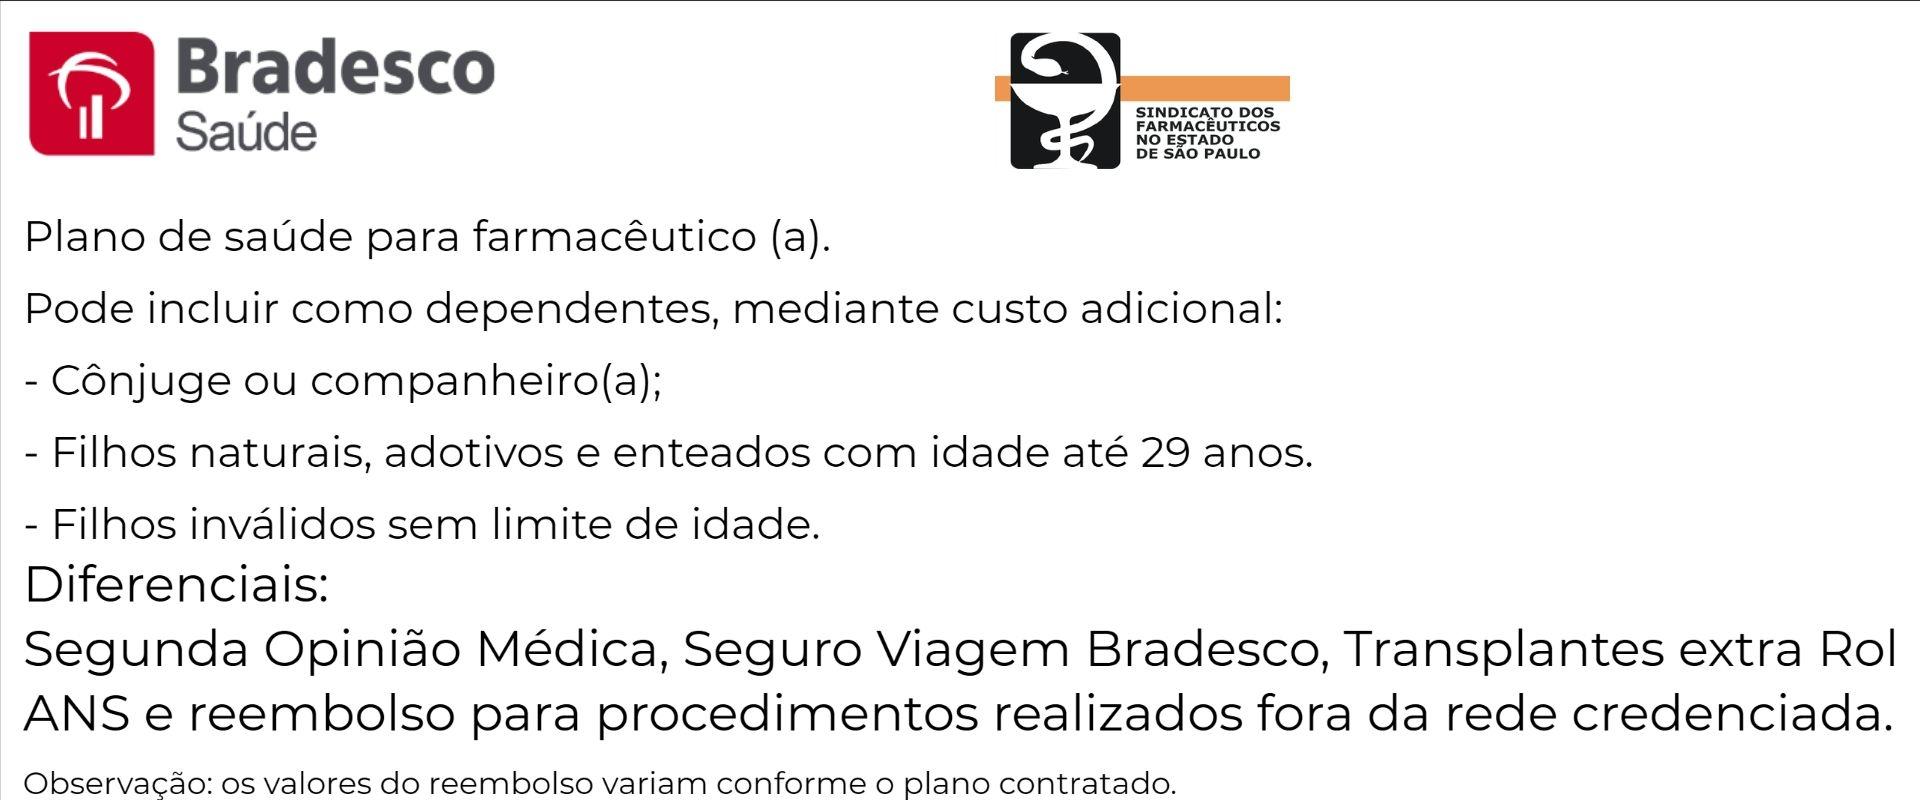 Bradesco Saúde CRF-SP